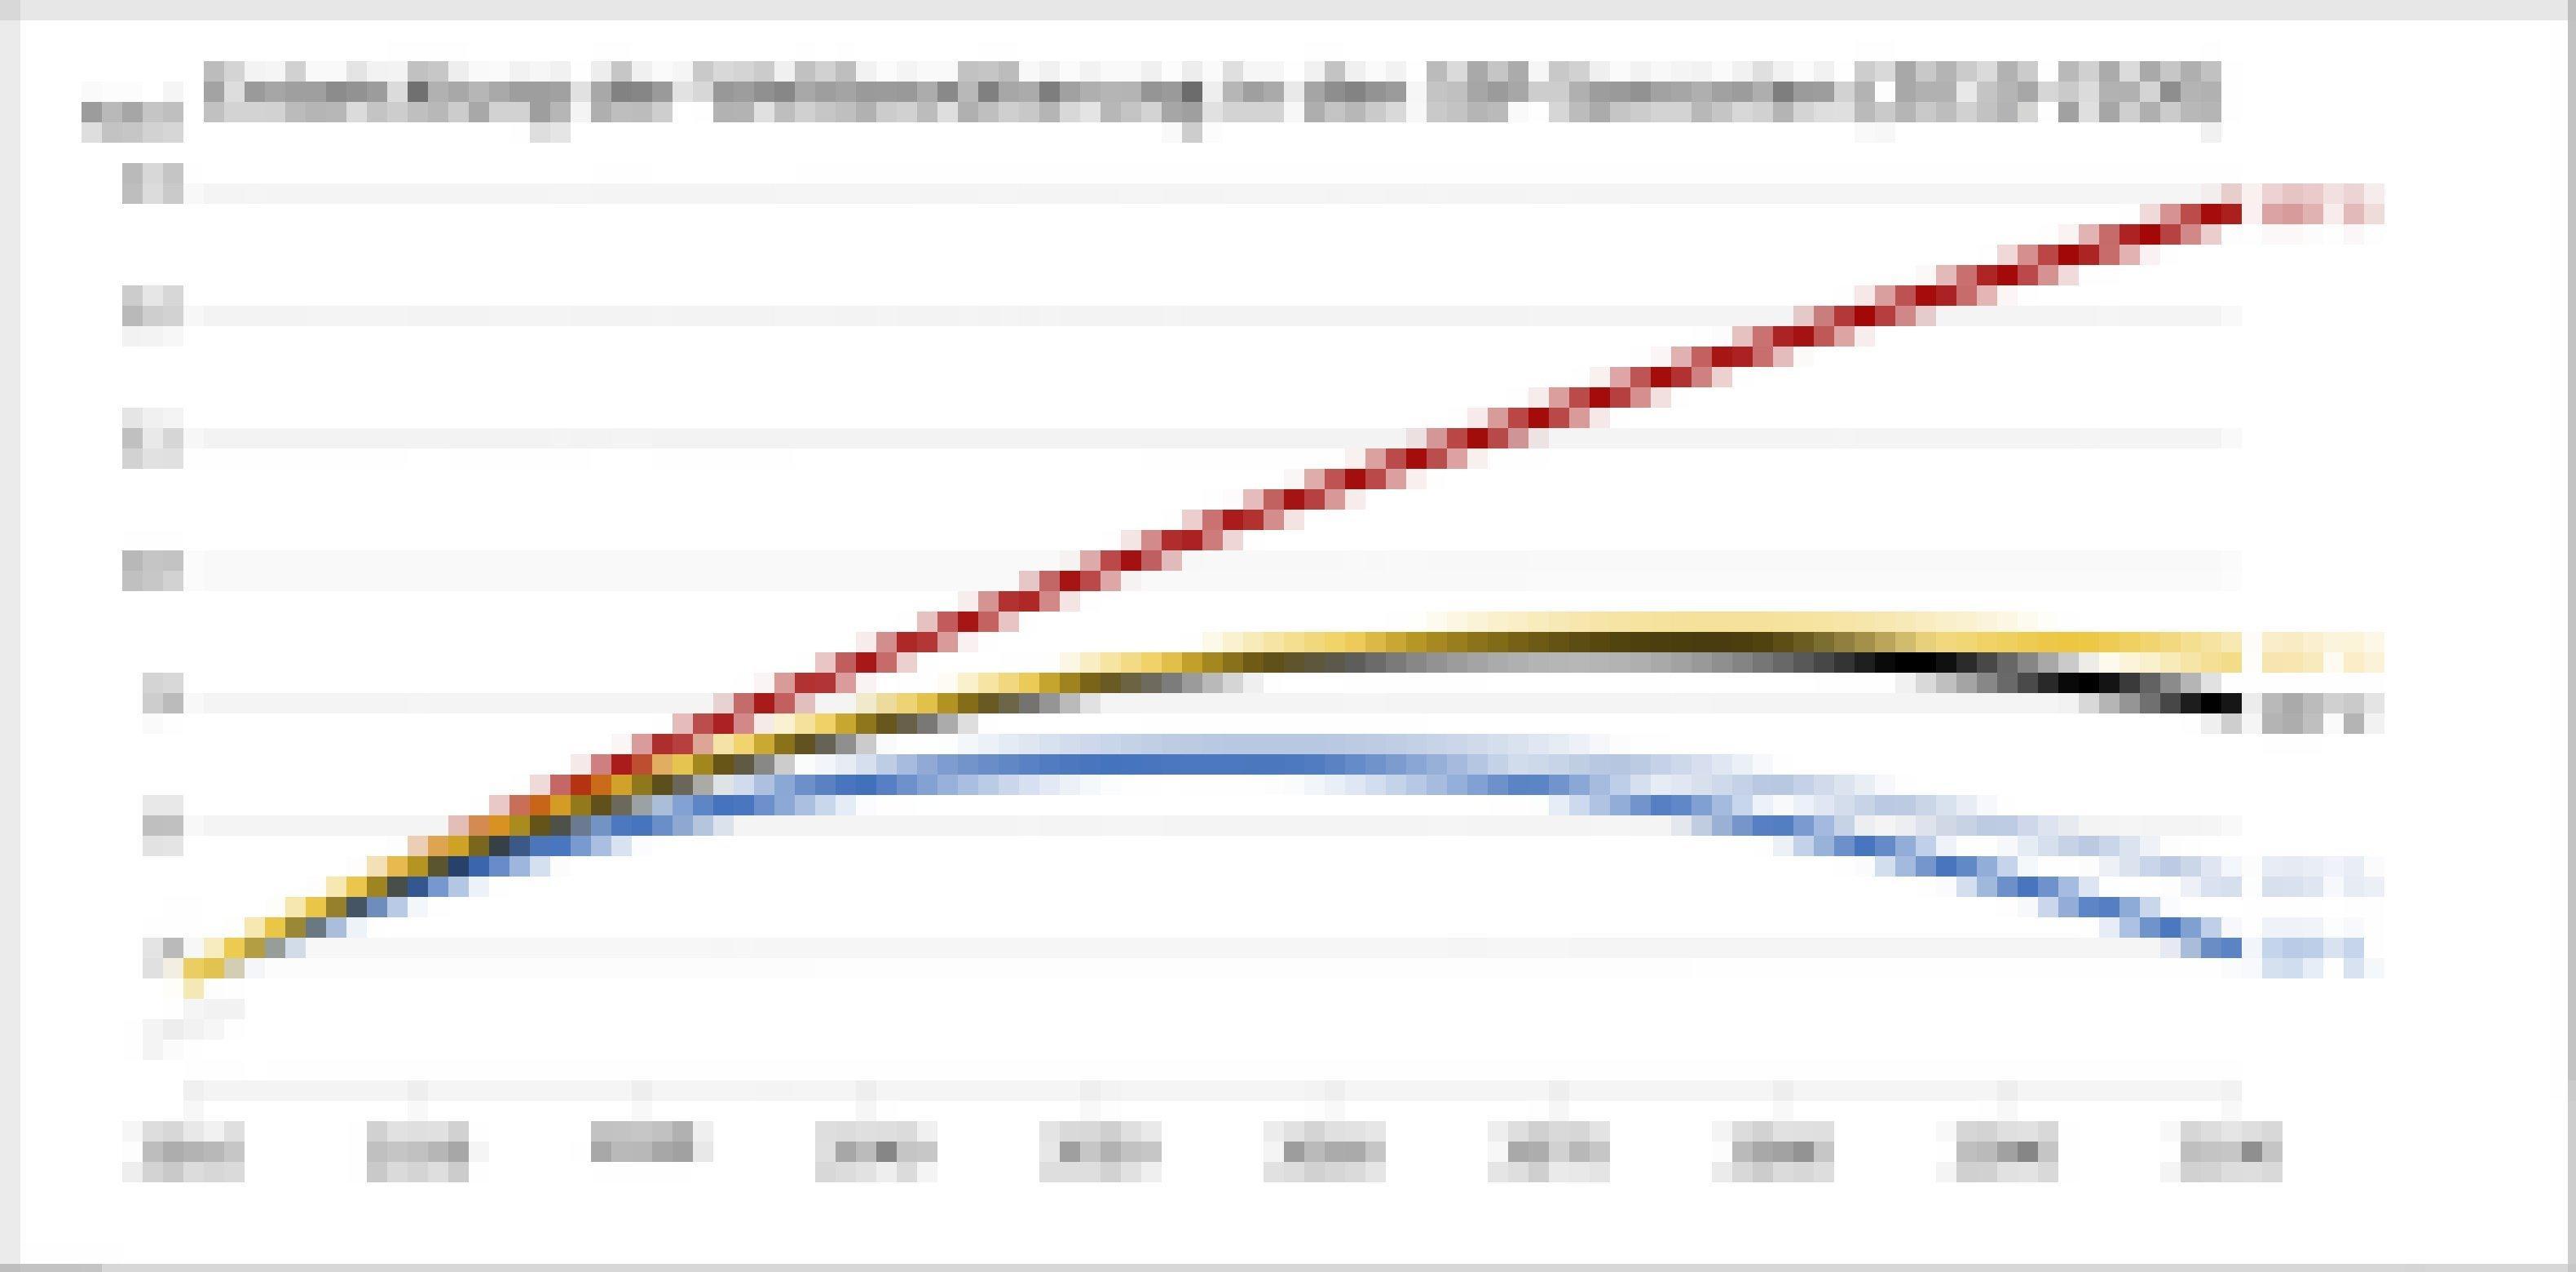 In den fünf Szenerien entwickeln sich die Bevölkerungszahlen von knapp 7Milliarden im Jahr 2010. Im SSP 3nehmen sie auf knapp 13Milliarden am Ende des Jahrhunderts zu; nur das Wachstum verlangsamt sich hier etwas. Die anderen Versionen der Zukunft erreichen zwischen 2050und 2080den Höhepunkt. Die Welt ist demnach 2100Heimat für 7bis 9,5Milliarden Menschen (Szenarien SSP 1bzw. SSP 4).